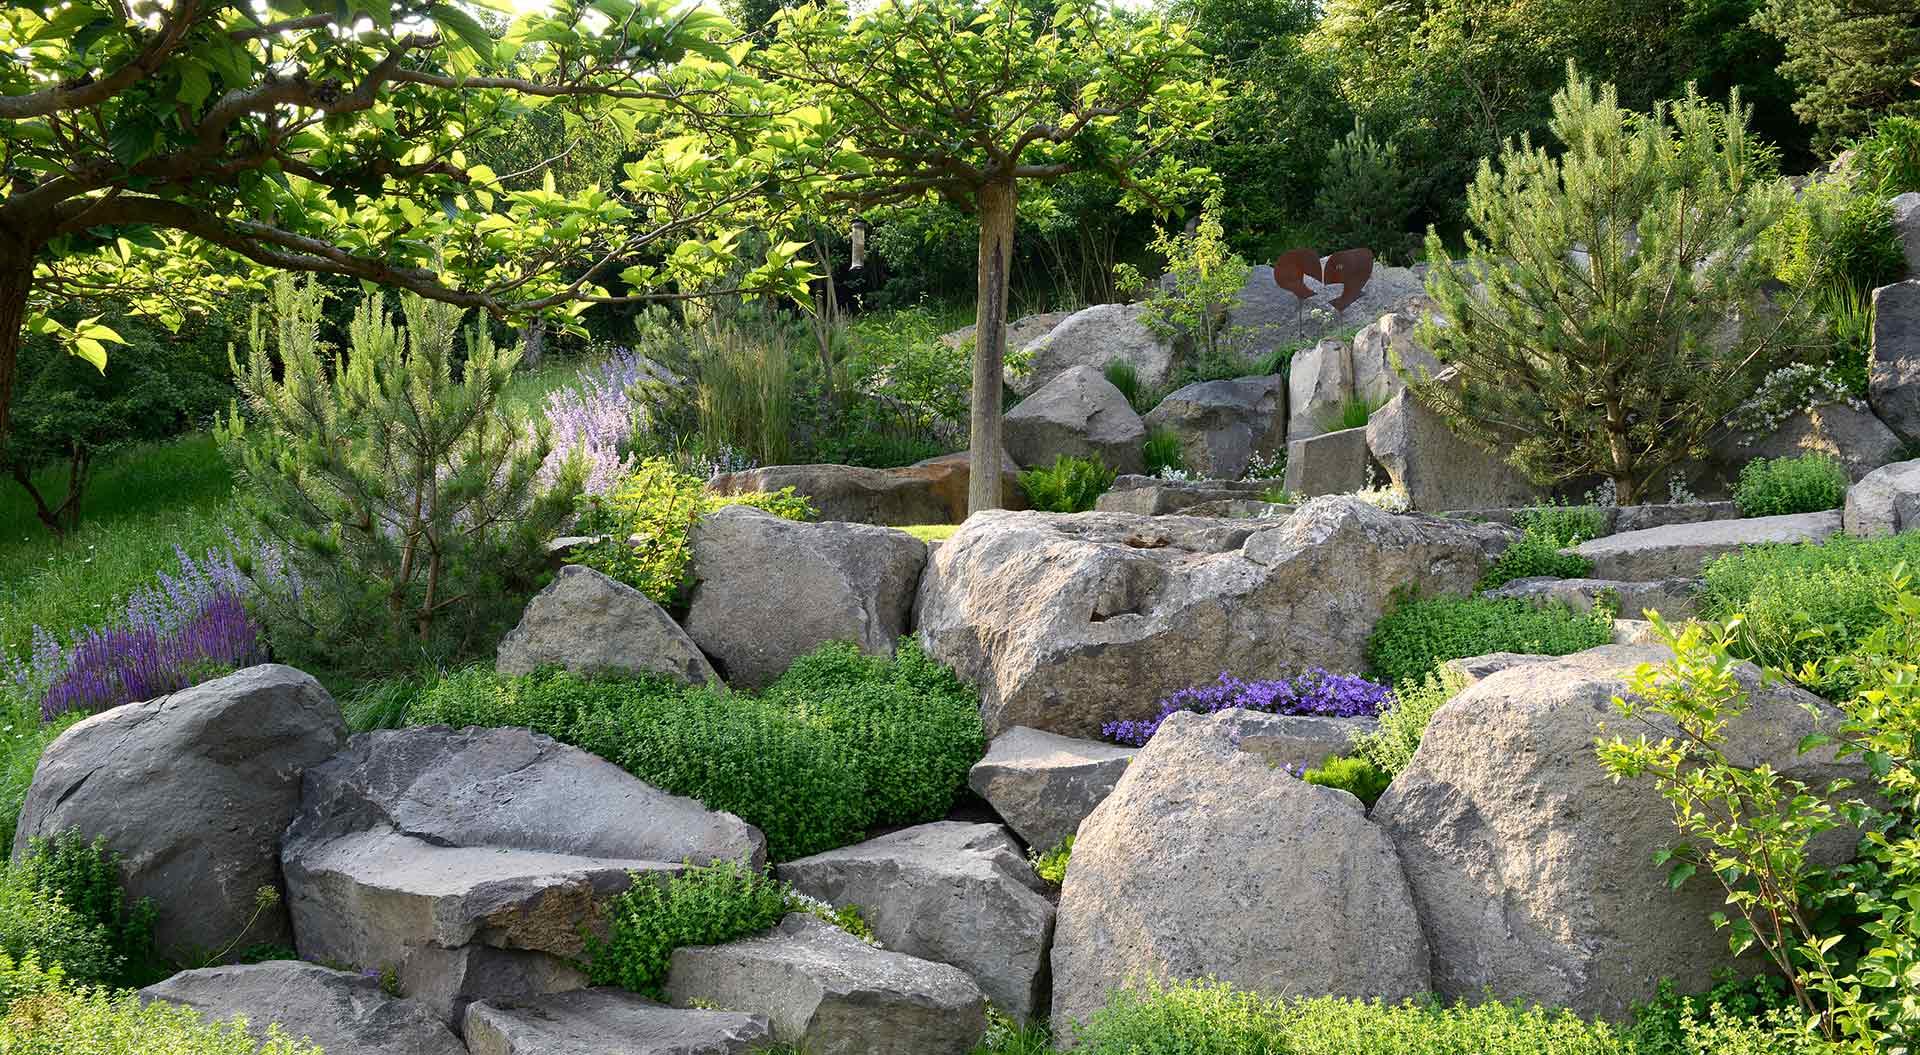 Hanggarten mit vielen Pflanzen und großen Natursteinen